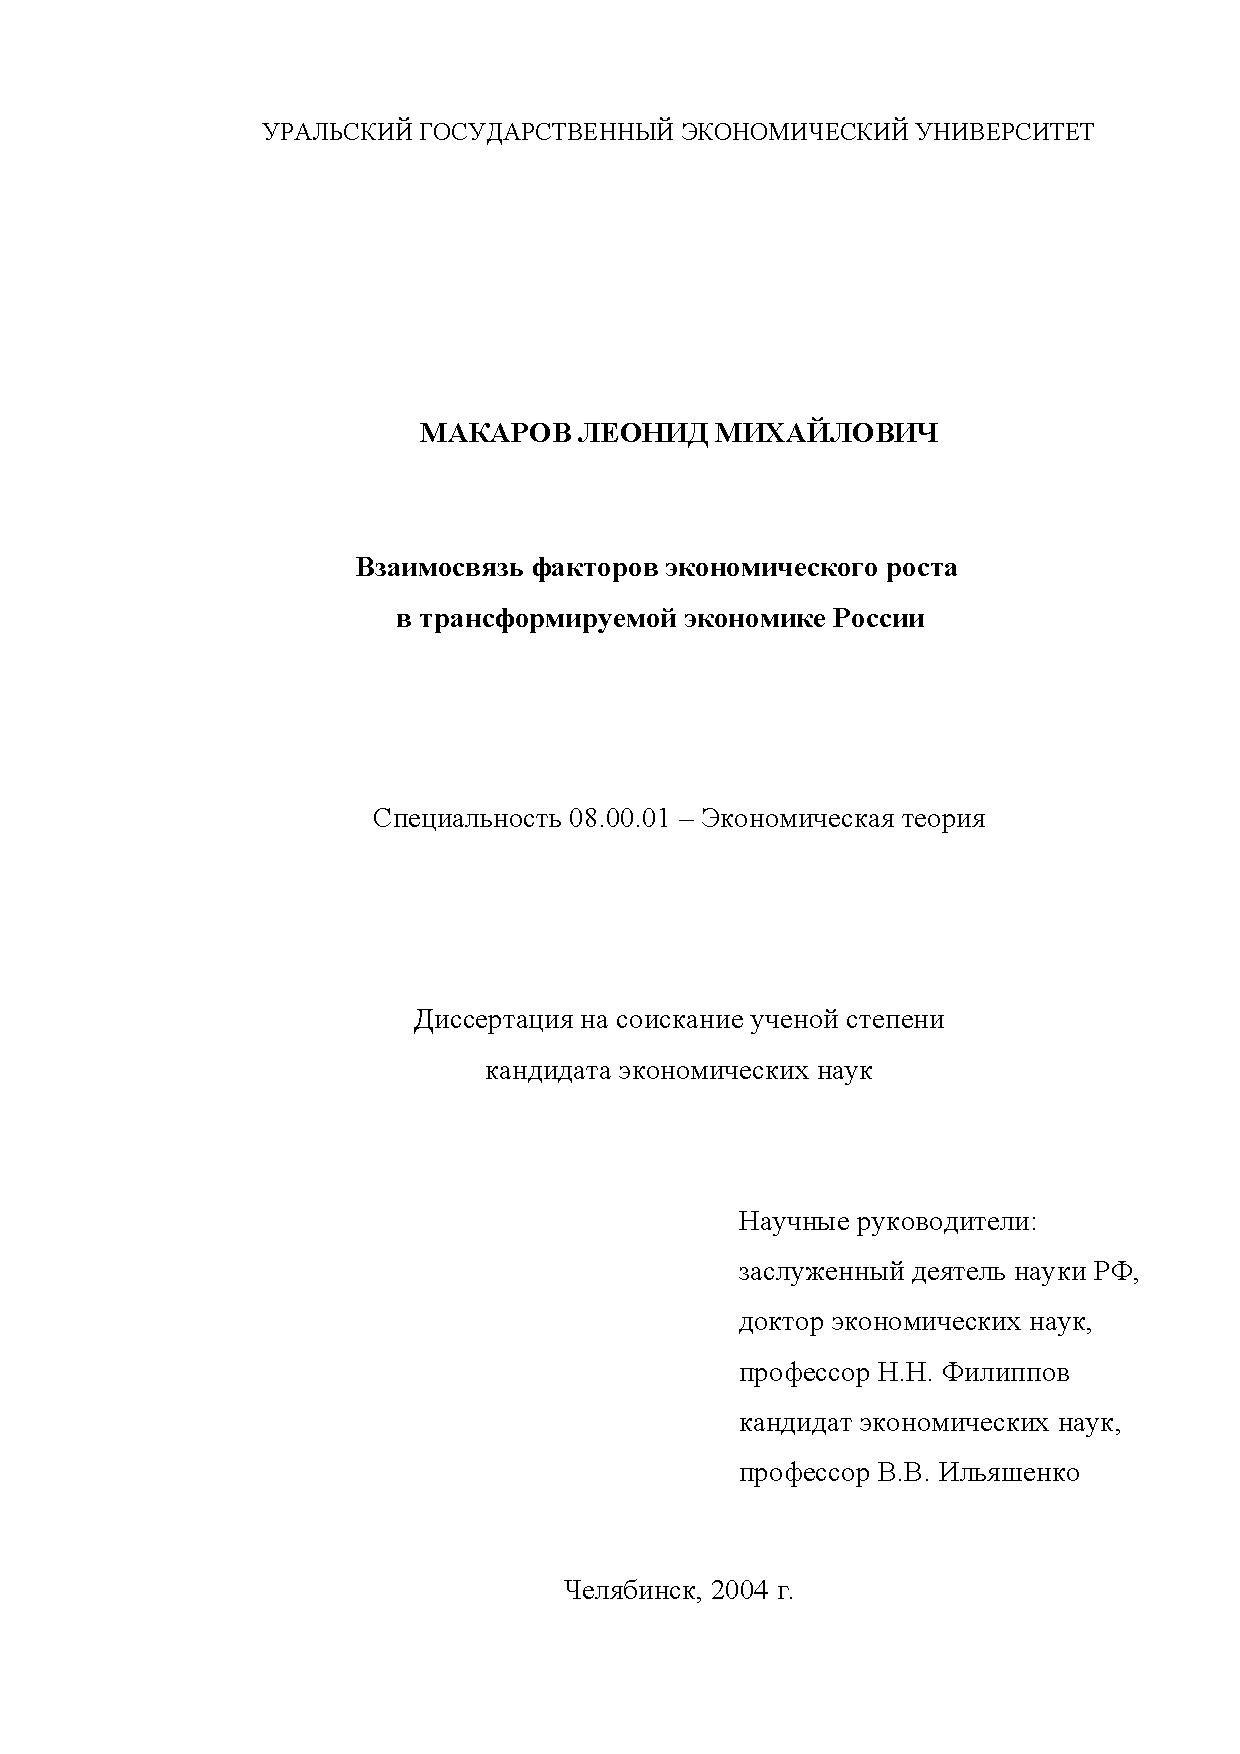 file Диссертация Макаров Л М pdf  file Диссертация Макаров Л М pdf